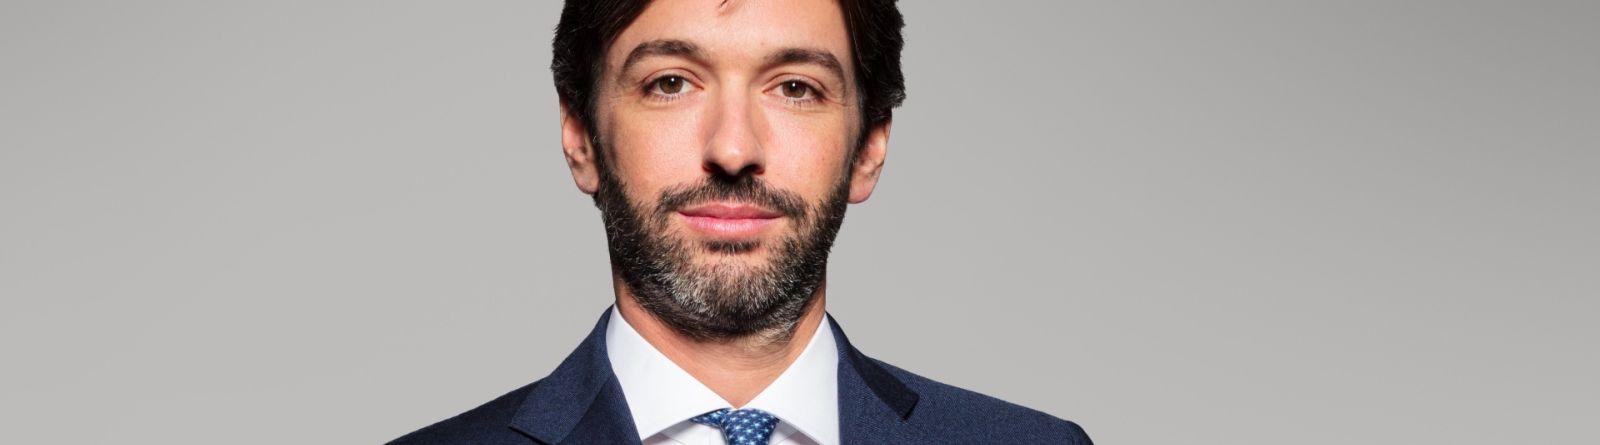 Eugenio Preve, il responsabile del team Italiano e partner di Cinven